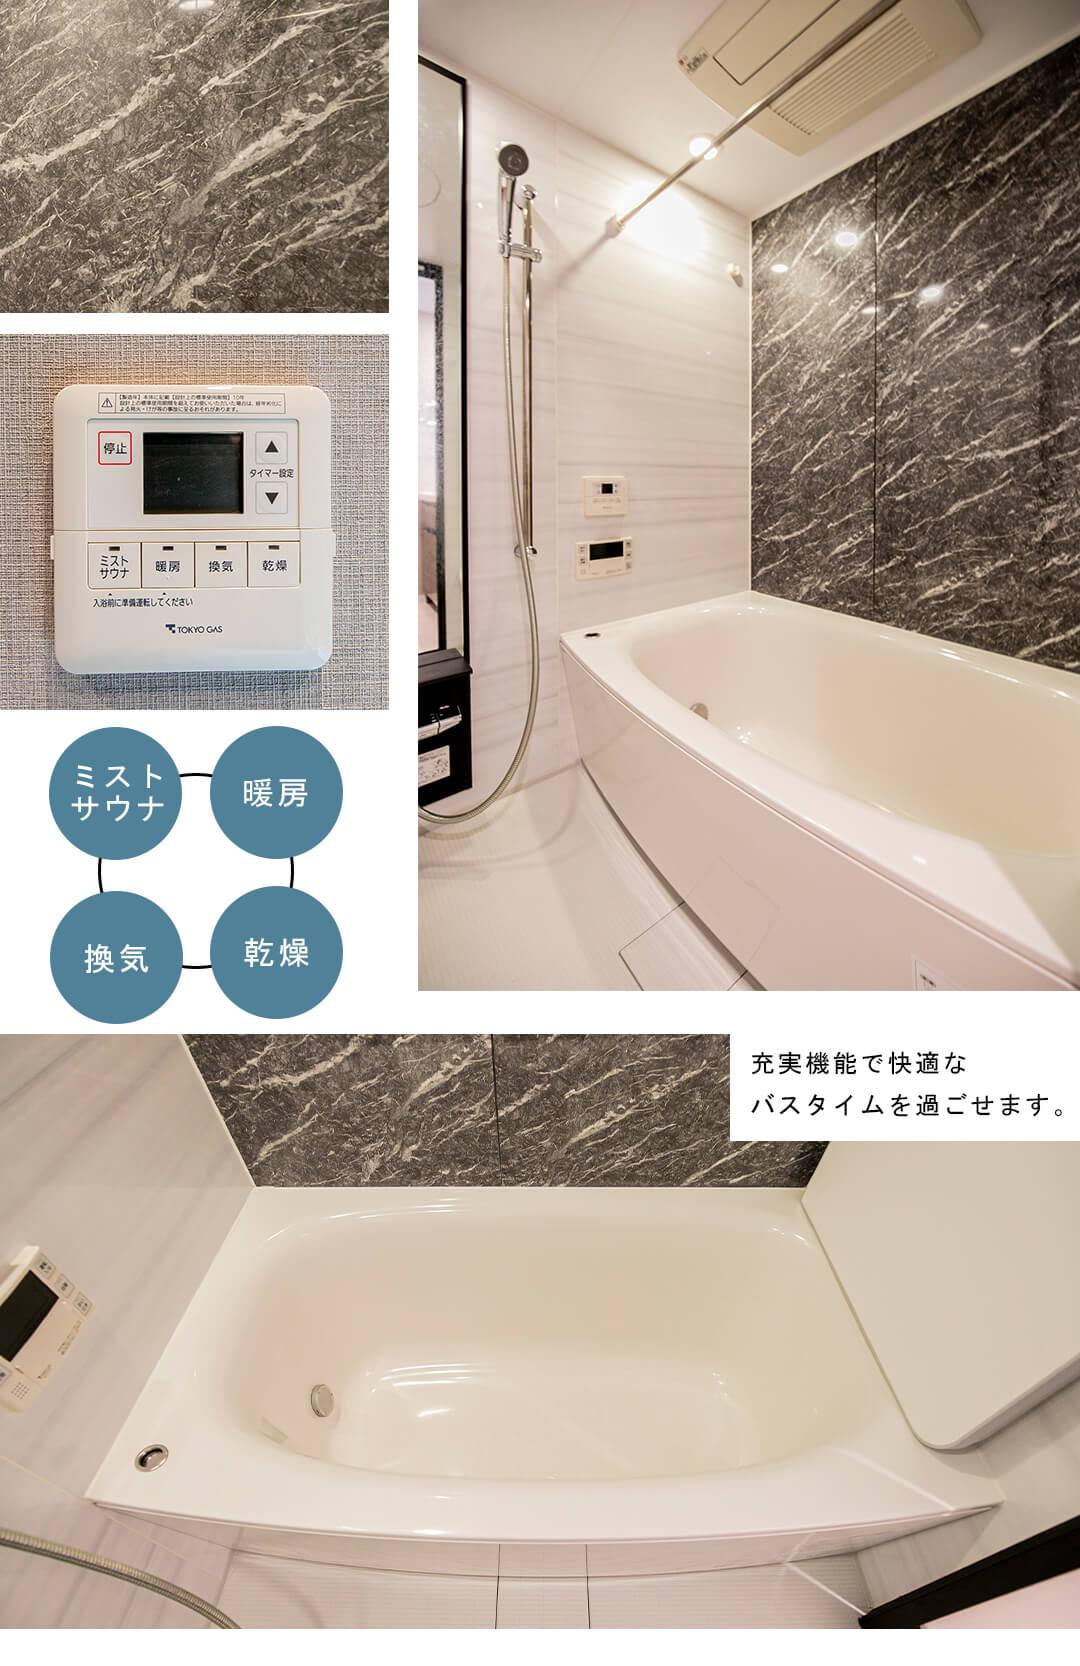 グローベルザ・スクエア東高円寺の浴室